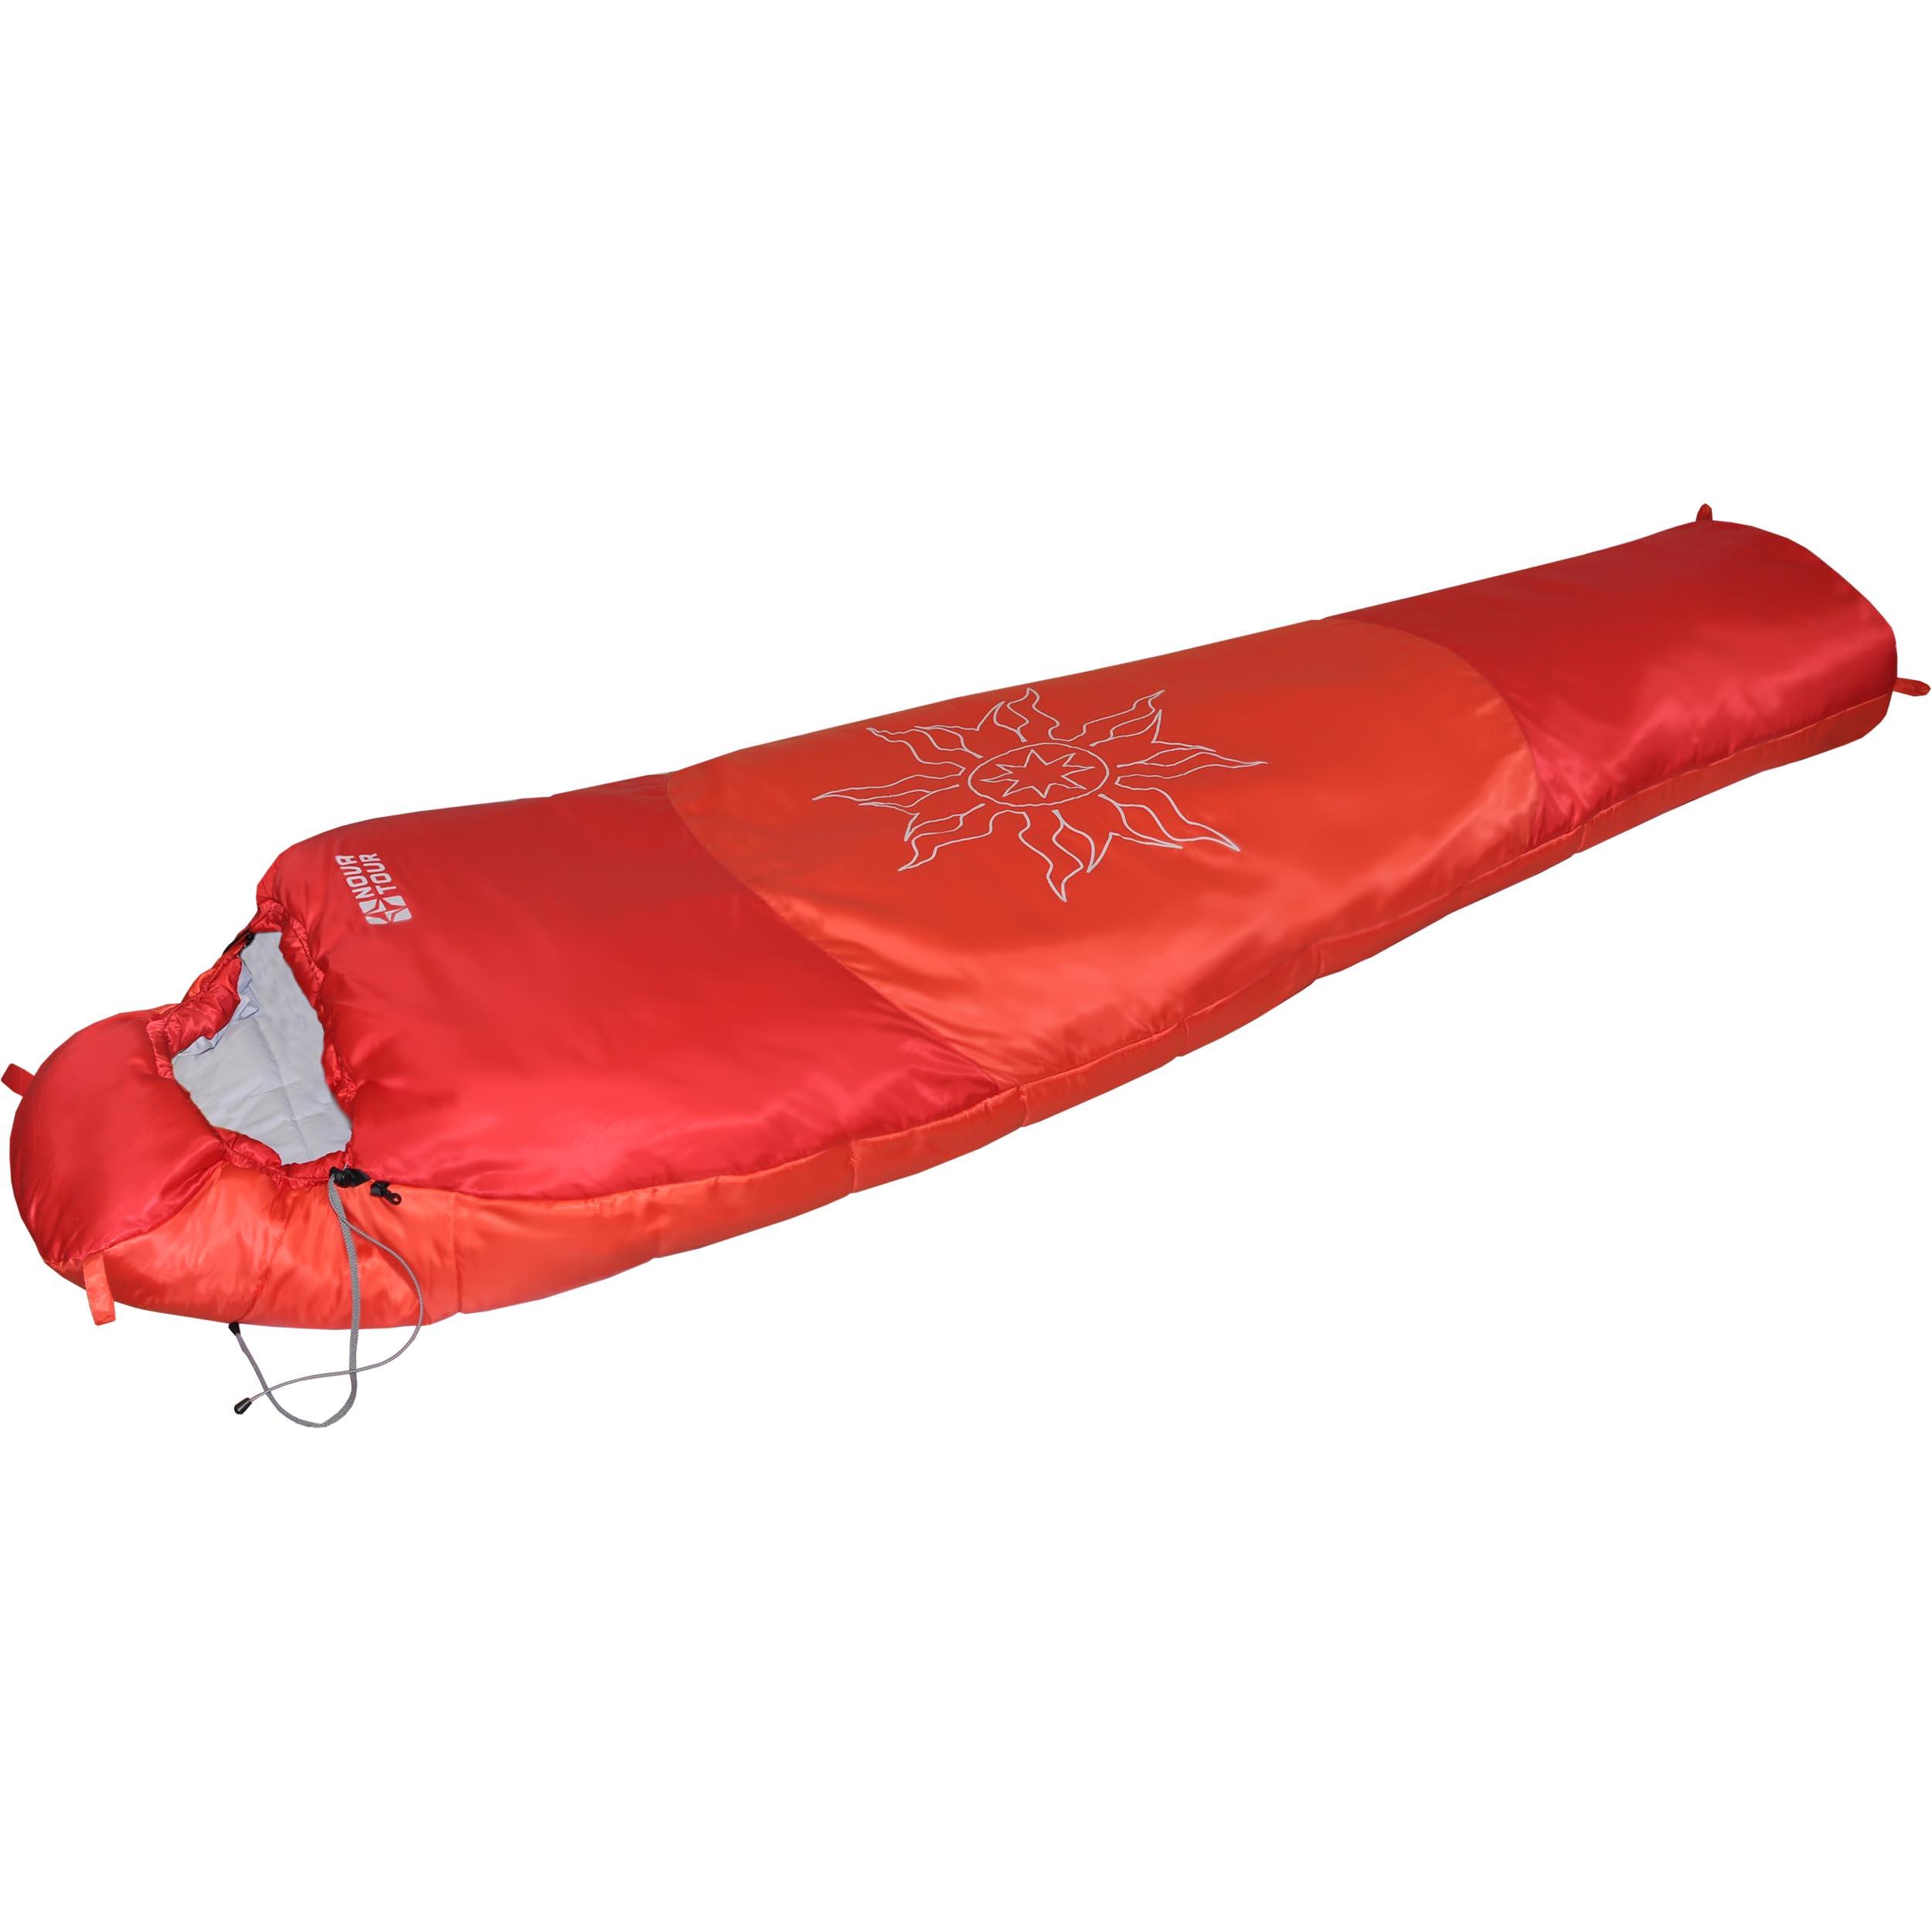 Спальный мешок Nova Tour Ямал -30 XL V2, цвет: красный, правосторонняя молния95420-001-RightЗимний спальный мешок Nova Tour Ямал -30 XL V2 имеет конструкцию кокон. Он предназначен для использования при очень низких температурах. Утягивающийся капюшон и шейный воротник сохраняют тепло. Двухзамковая молния позволяет состегнуть два спальных мешка левого и правого исполнения в один двойной. Компрессионный мешок в комплекте.Длина мешка: 230 см.